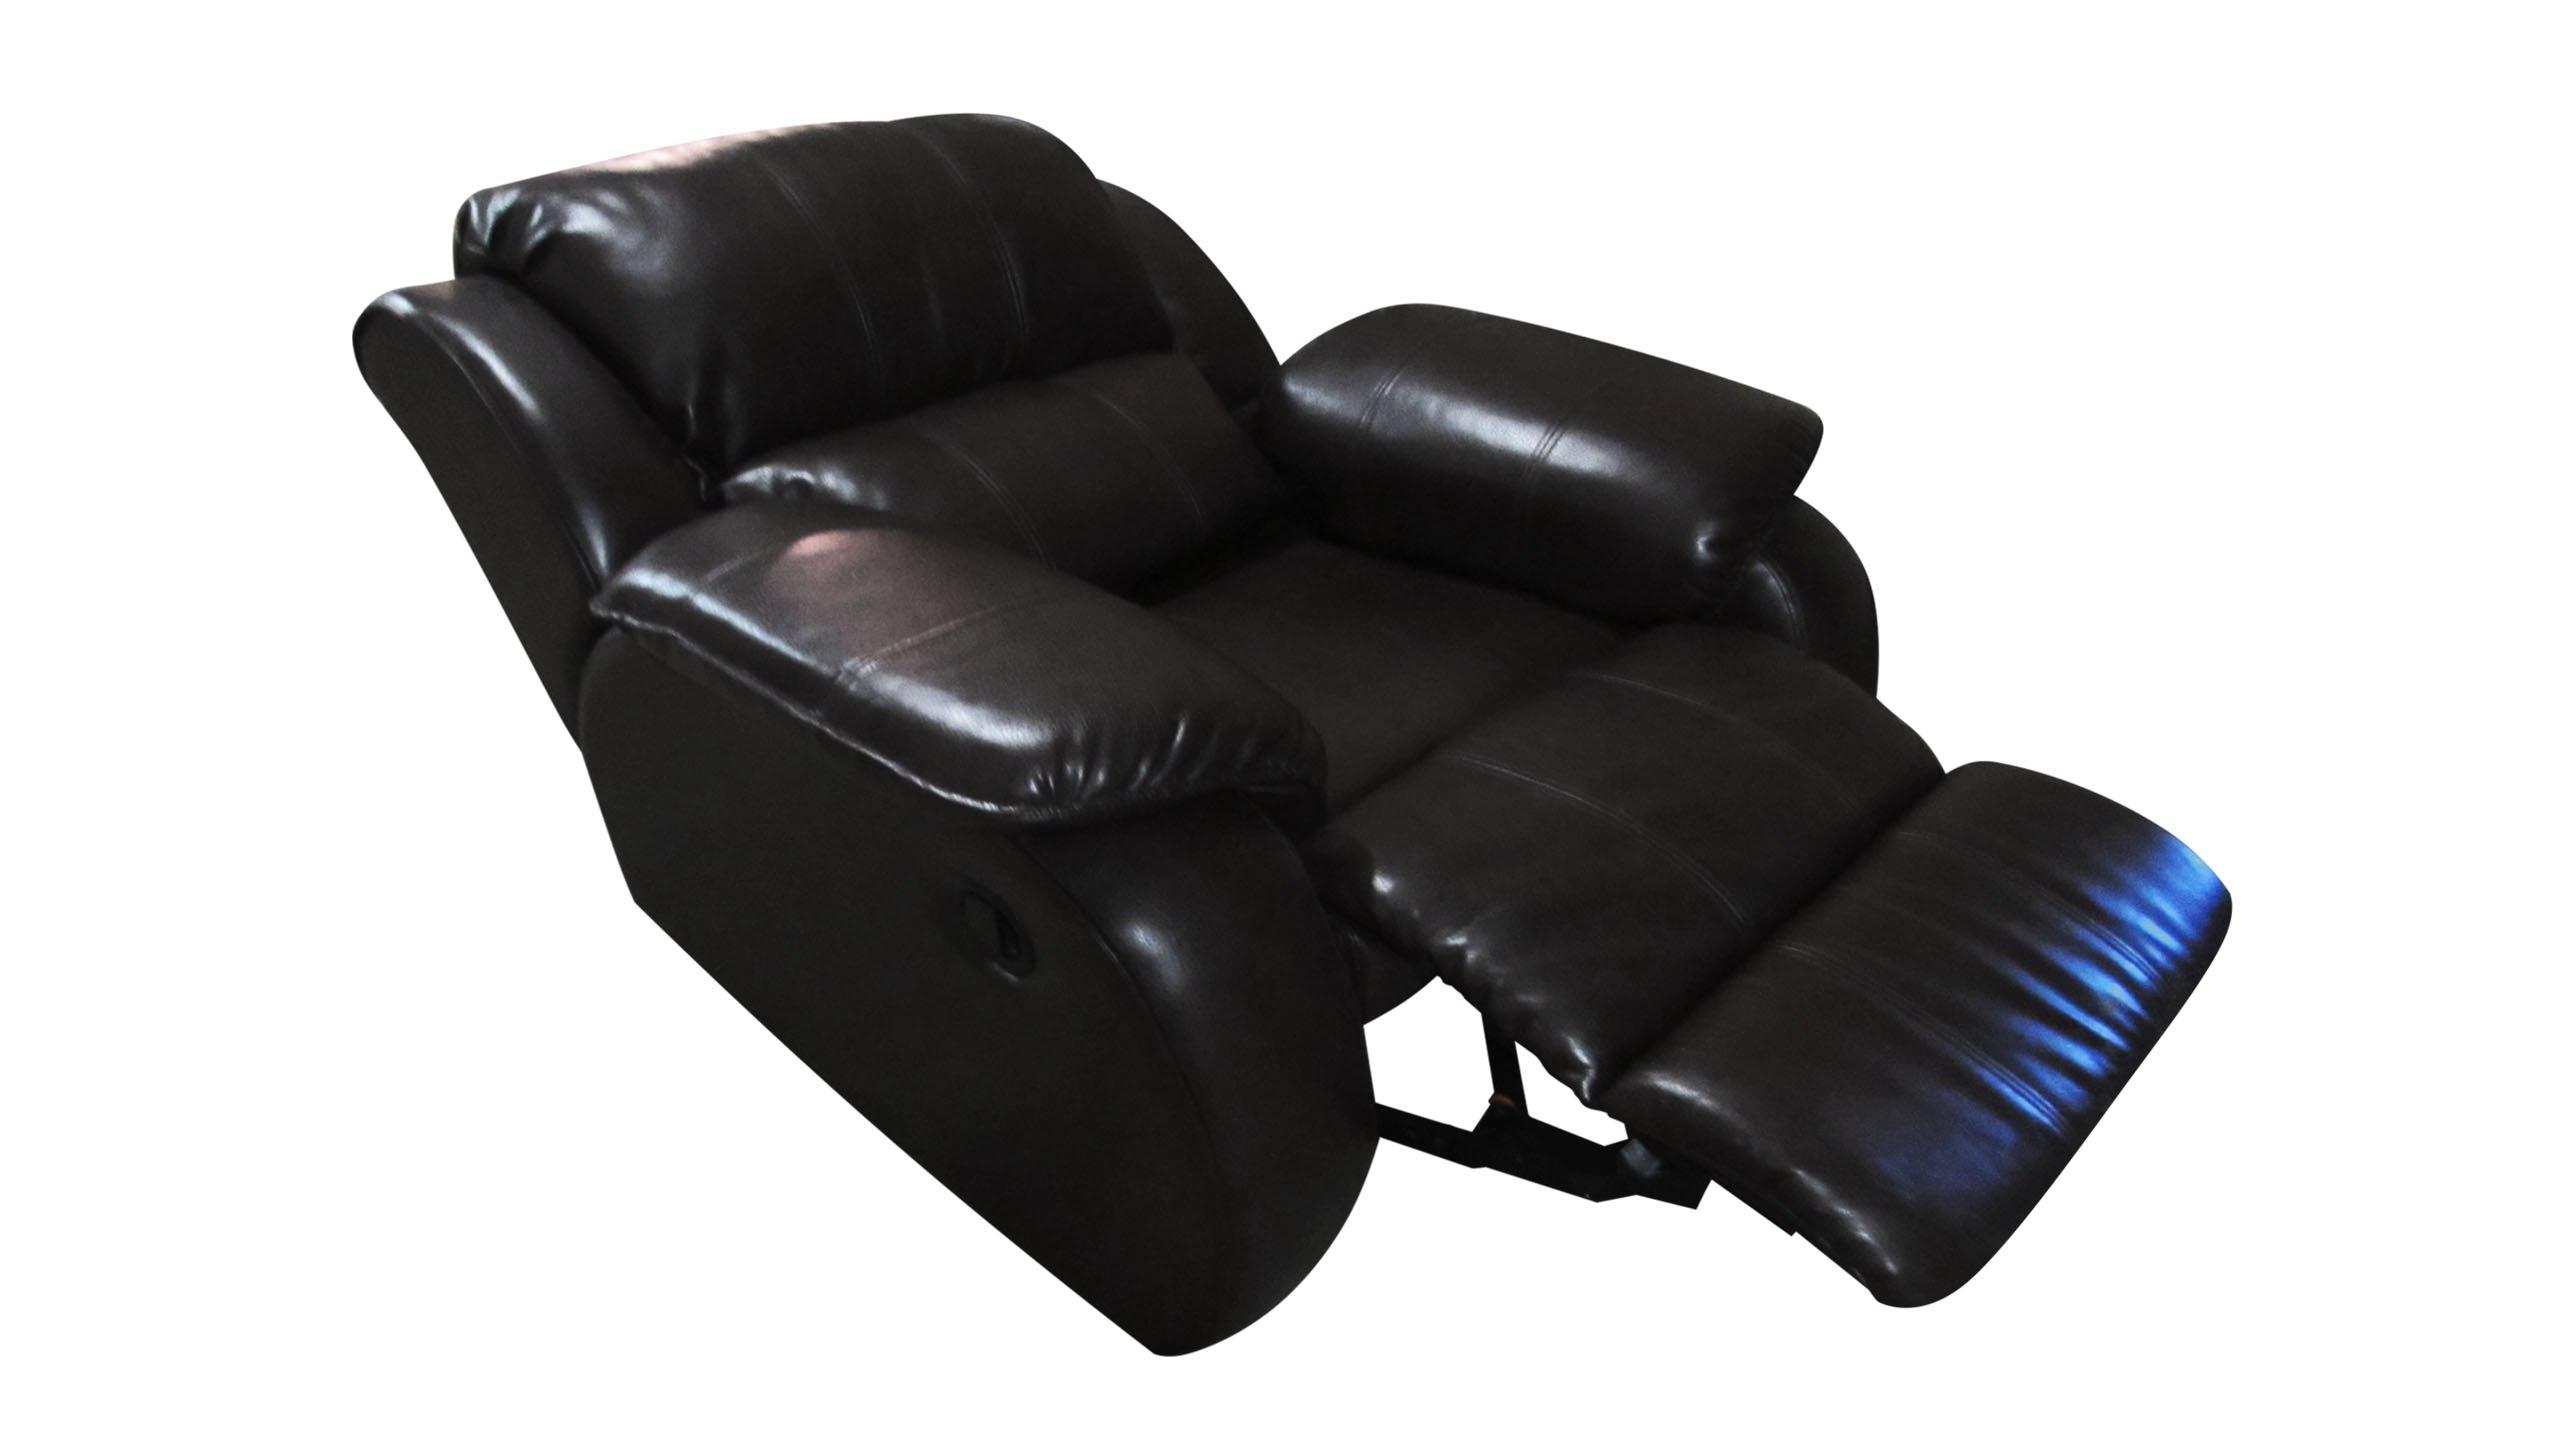 Кресло-реклайнер — удобный отдых в любое время (22 фото) 63